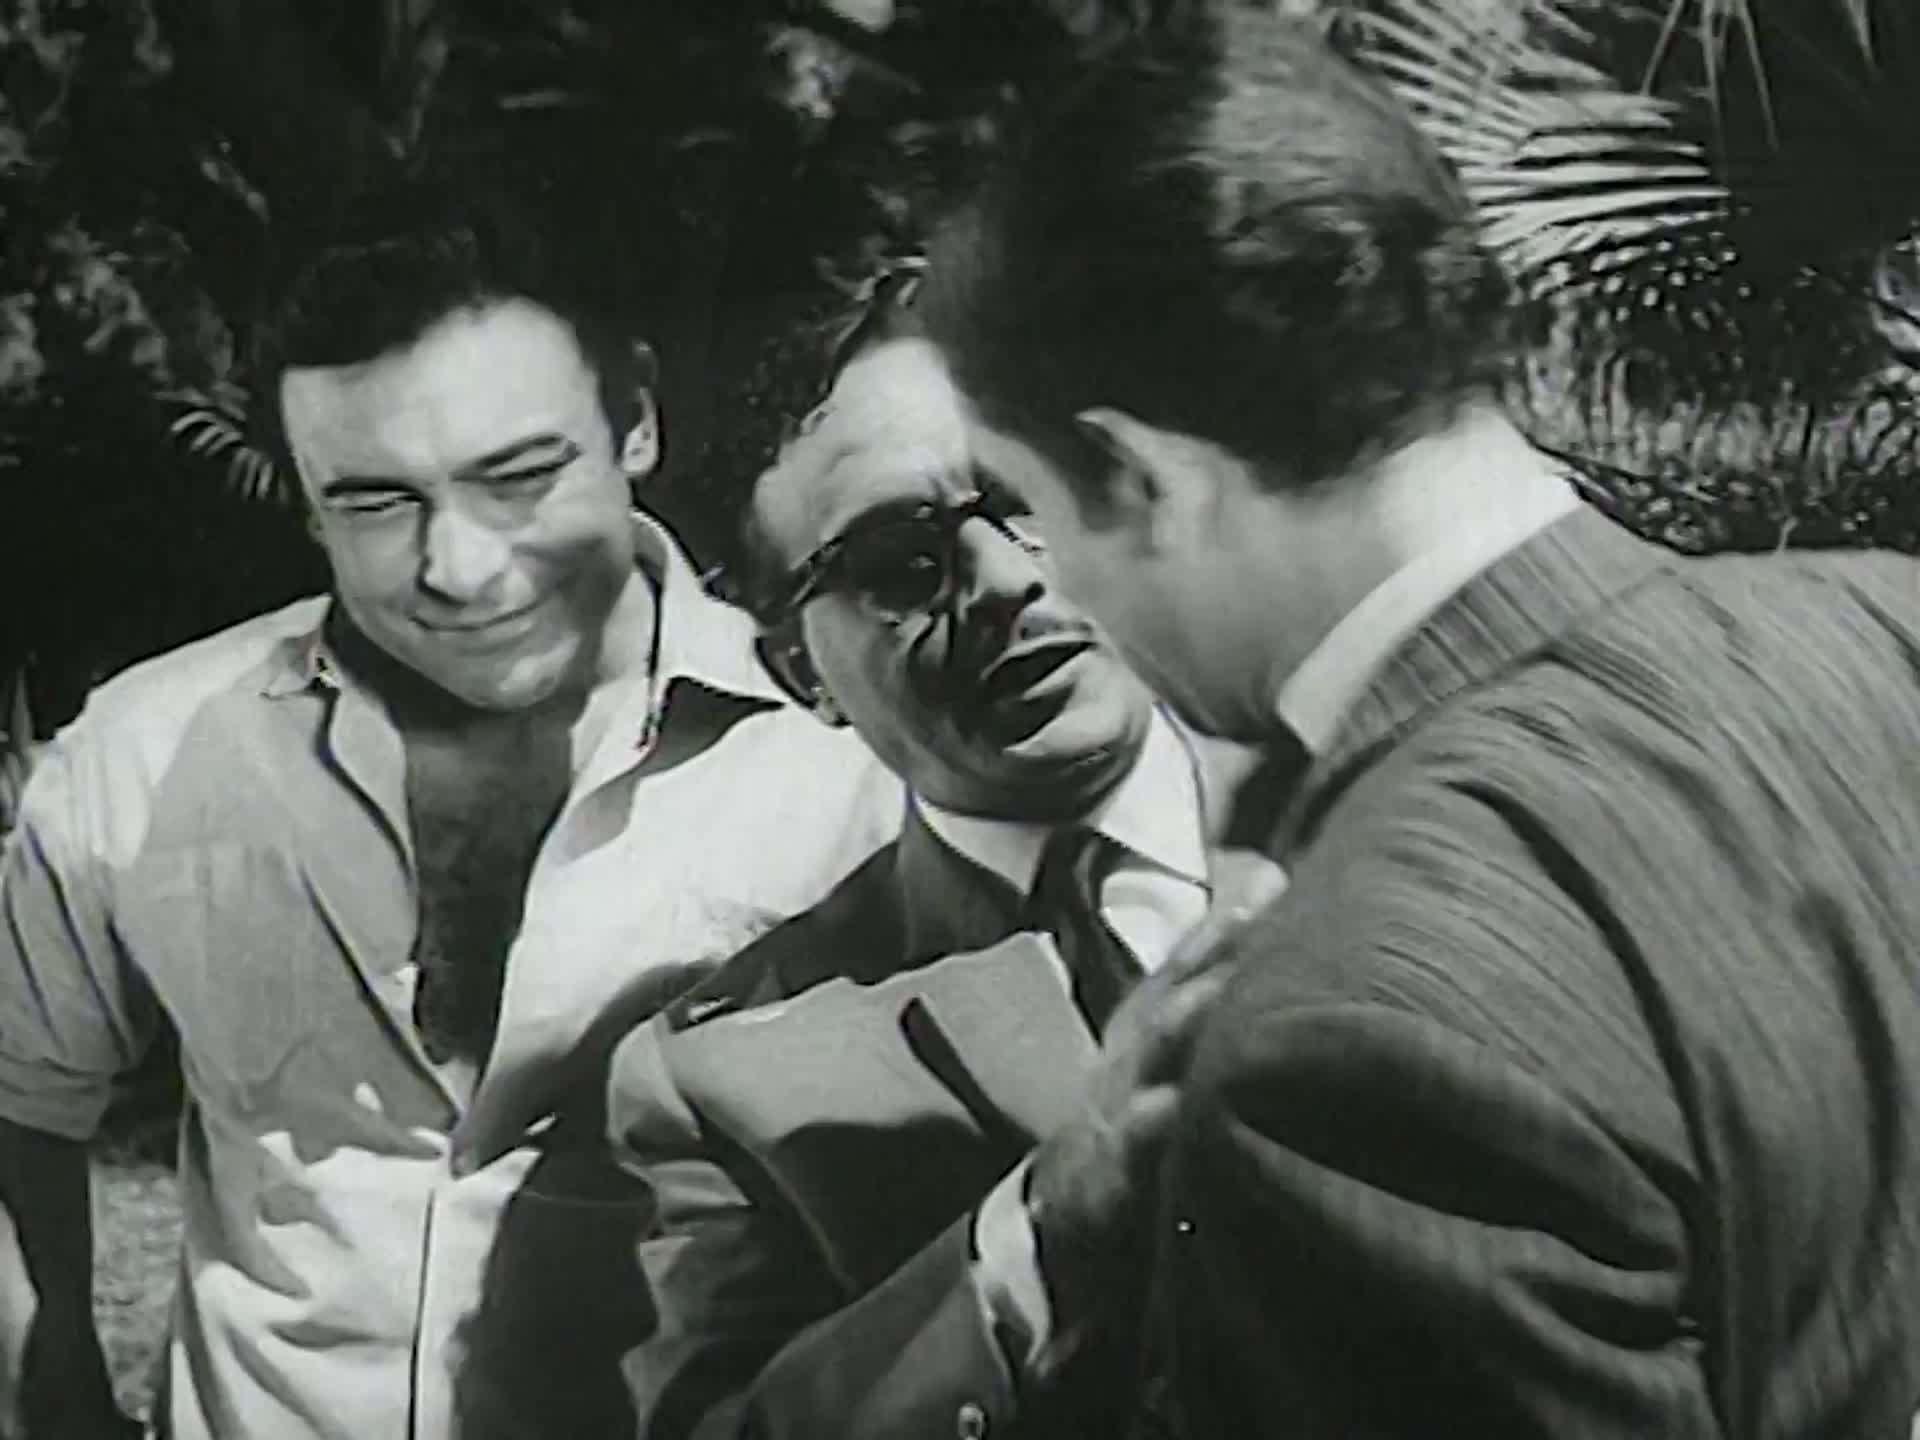 [فيلم][تورنت][تحميل][حواء والقرد][1968][1080p][Web-DL] 8 arabp2p.com